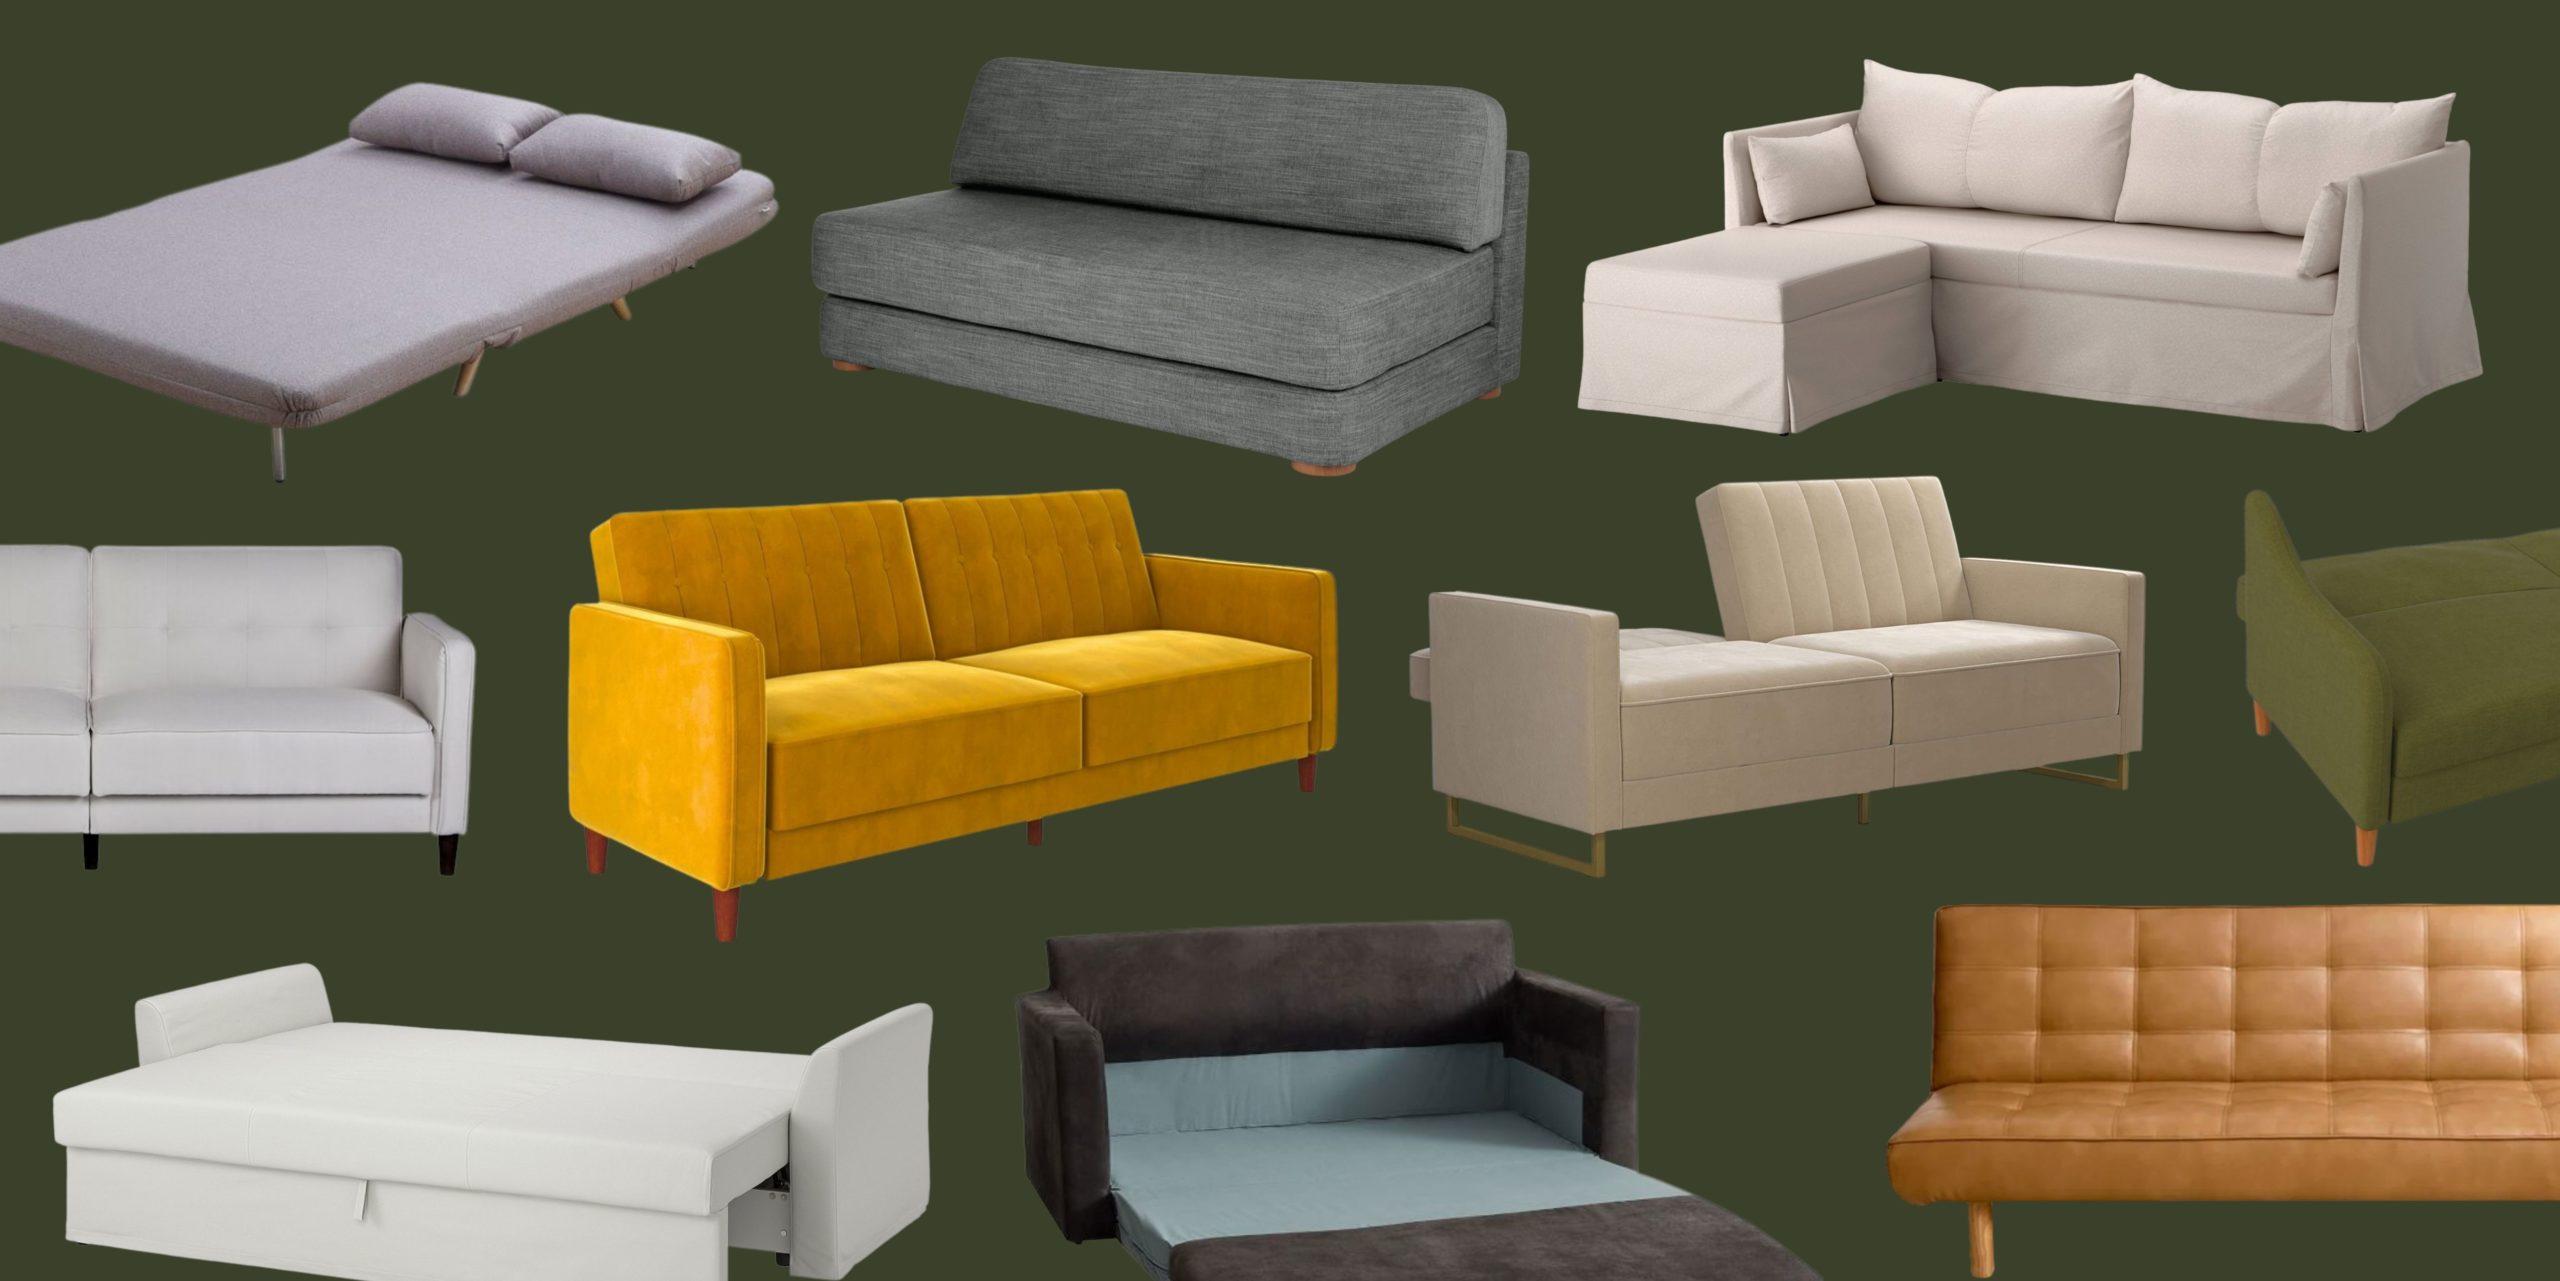 The 10 Best Bobby-Approved Sleeper Sofas (Under $500) - Bobby Berk